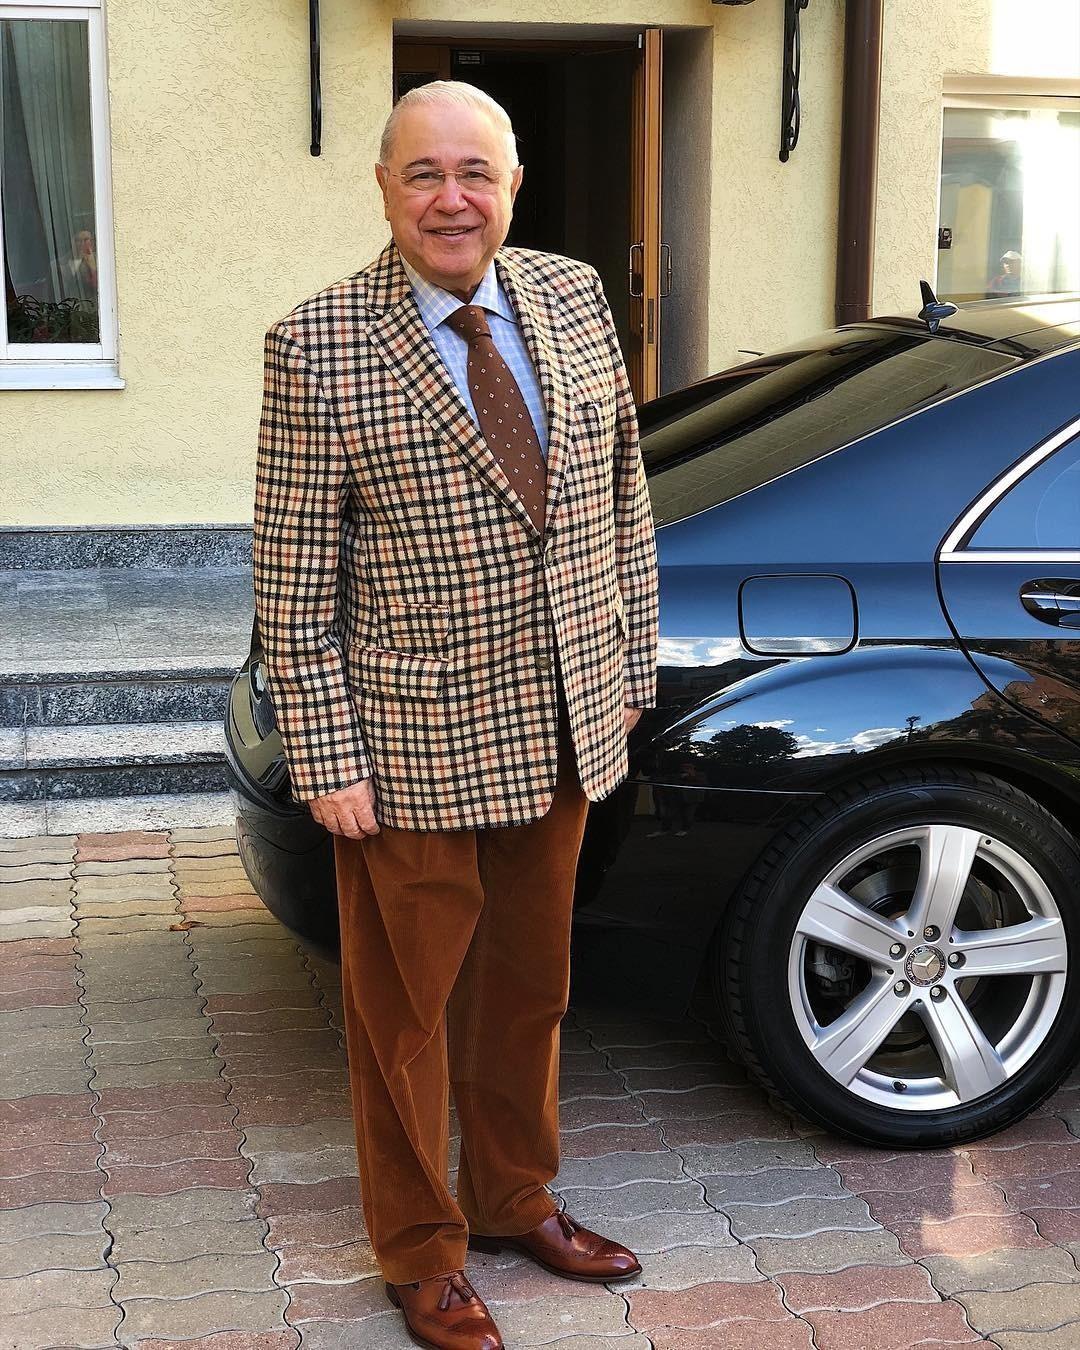 Вельветовые брюки охрового цвета - один из любимых предметов гардероба Евгения Петросяна. Обрати внимание, как гармонично они смотрятся в абсолютно разных образах. Главное - правильно их...